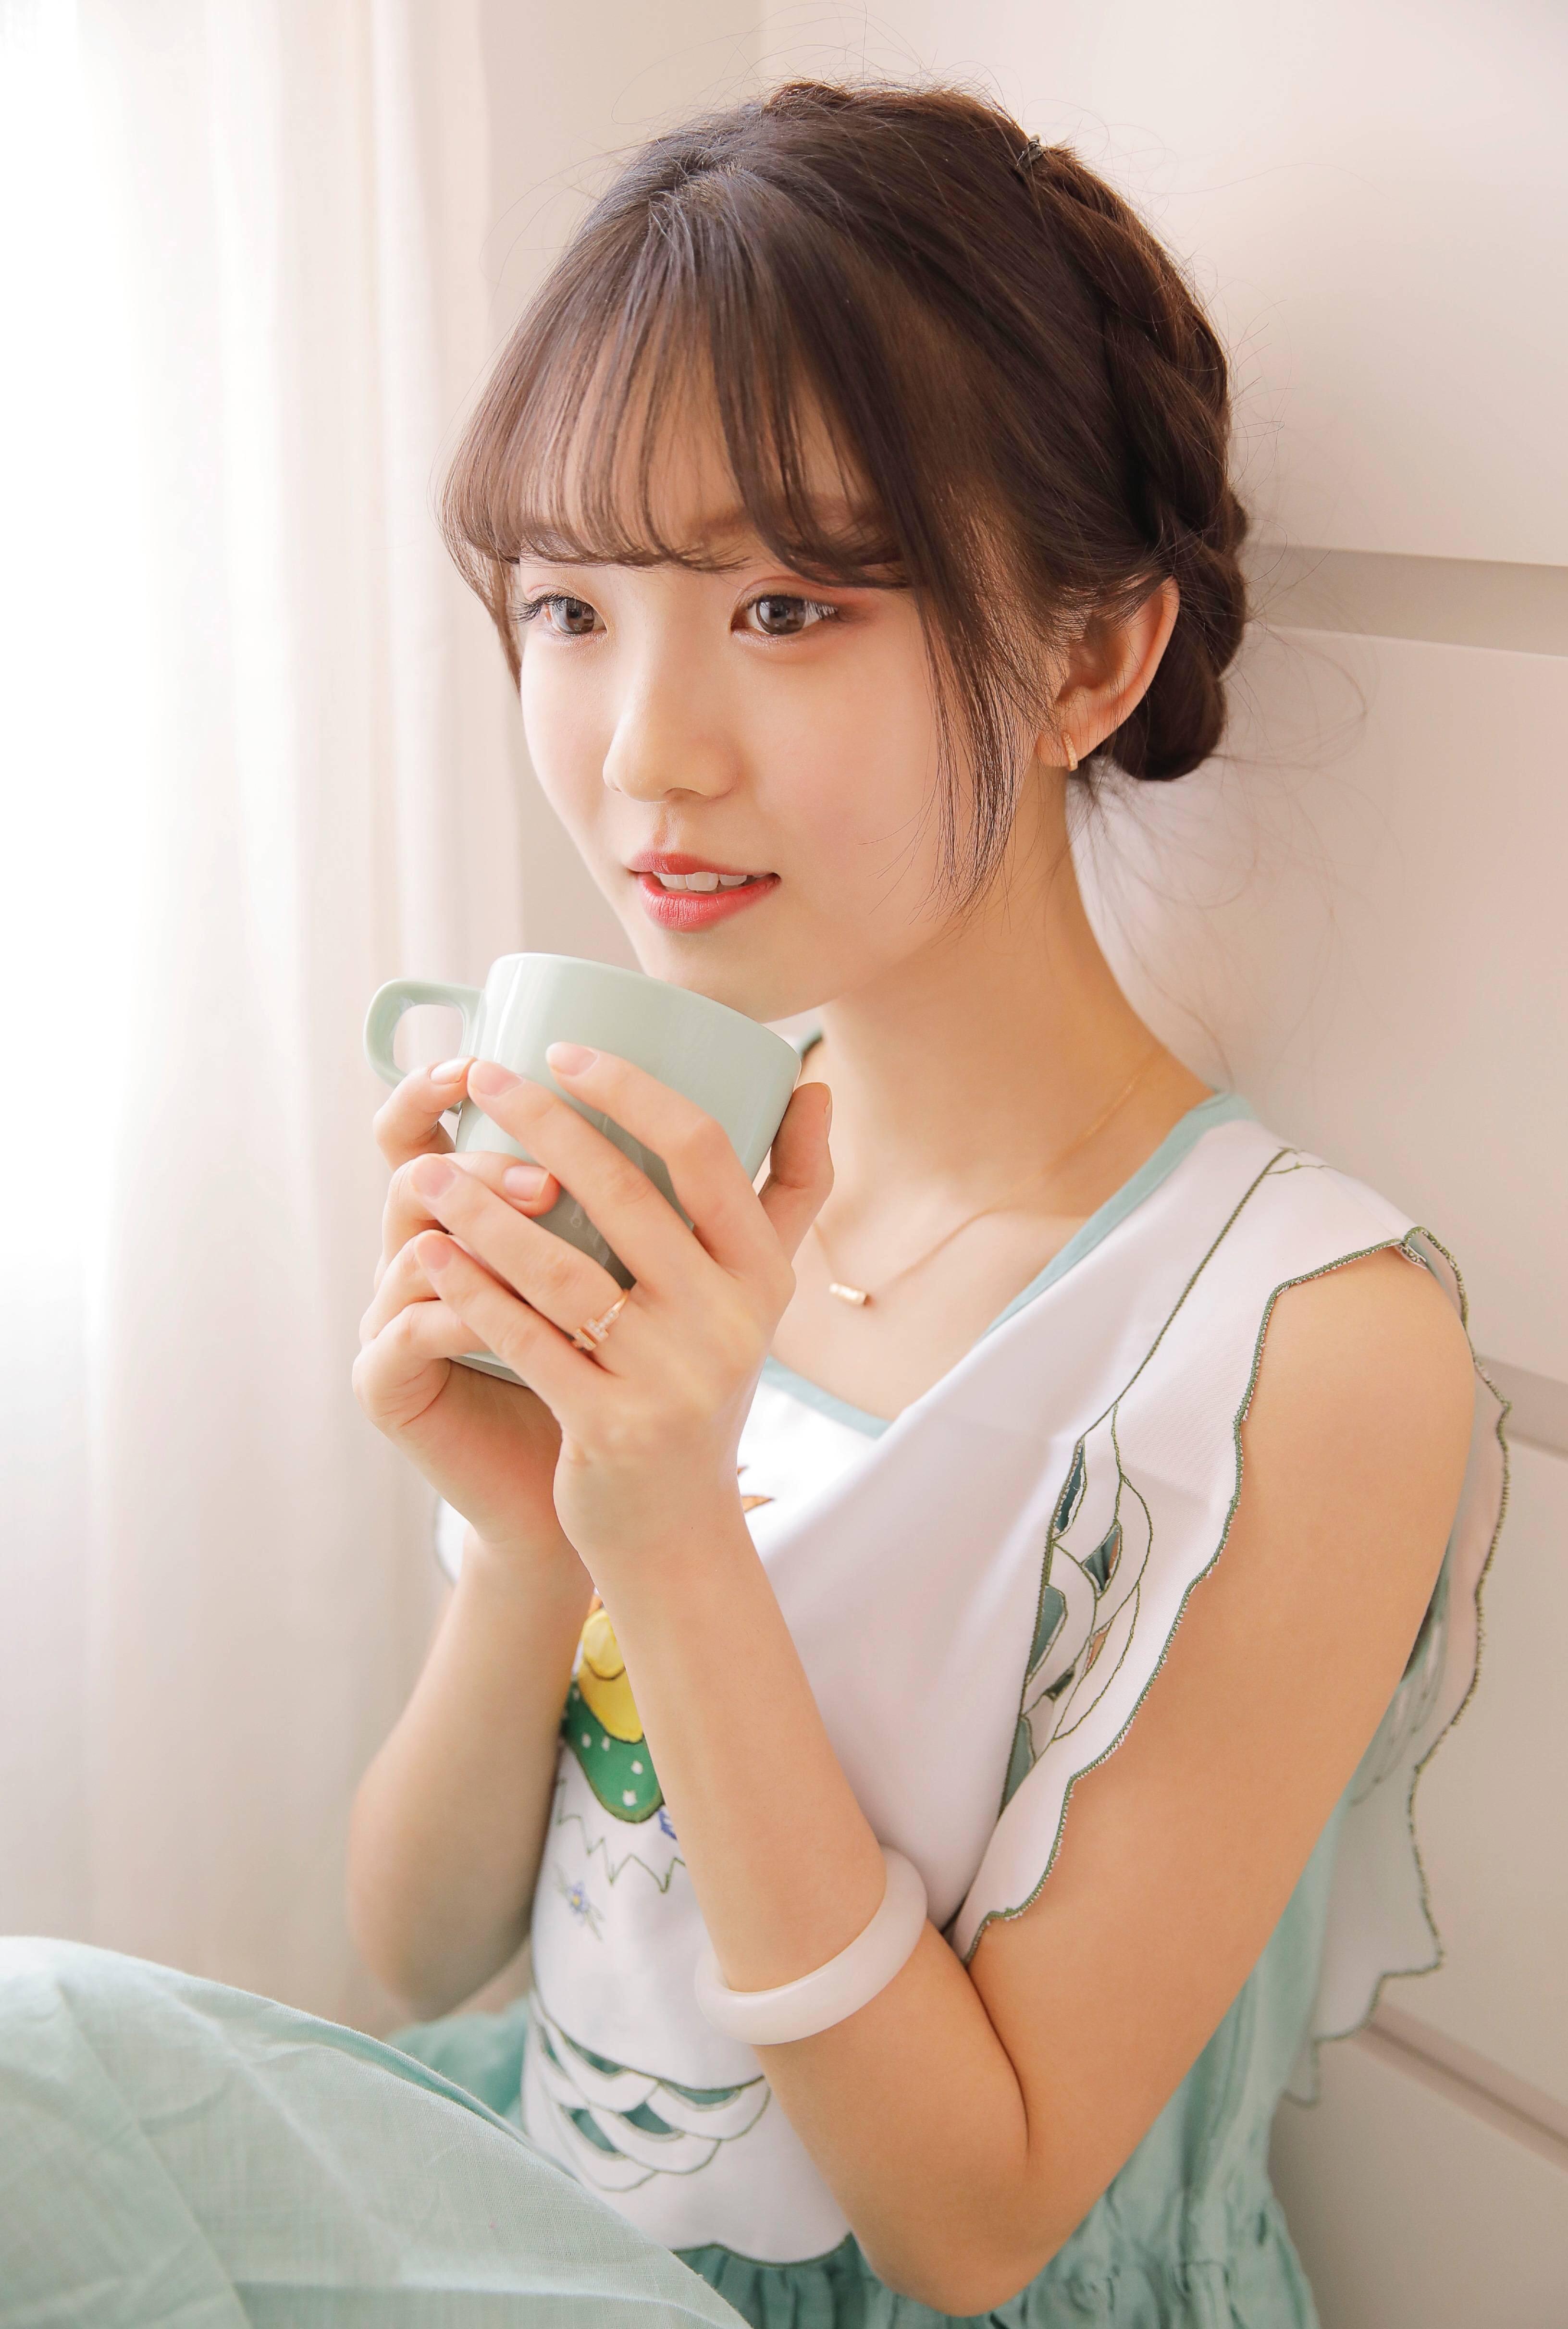 色姐姐24_薄荷色的小姐姐,就连手捧奶茶都如此可爱